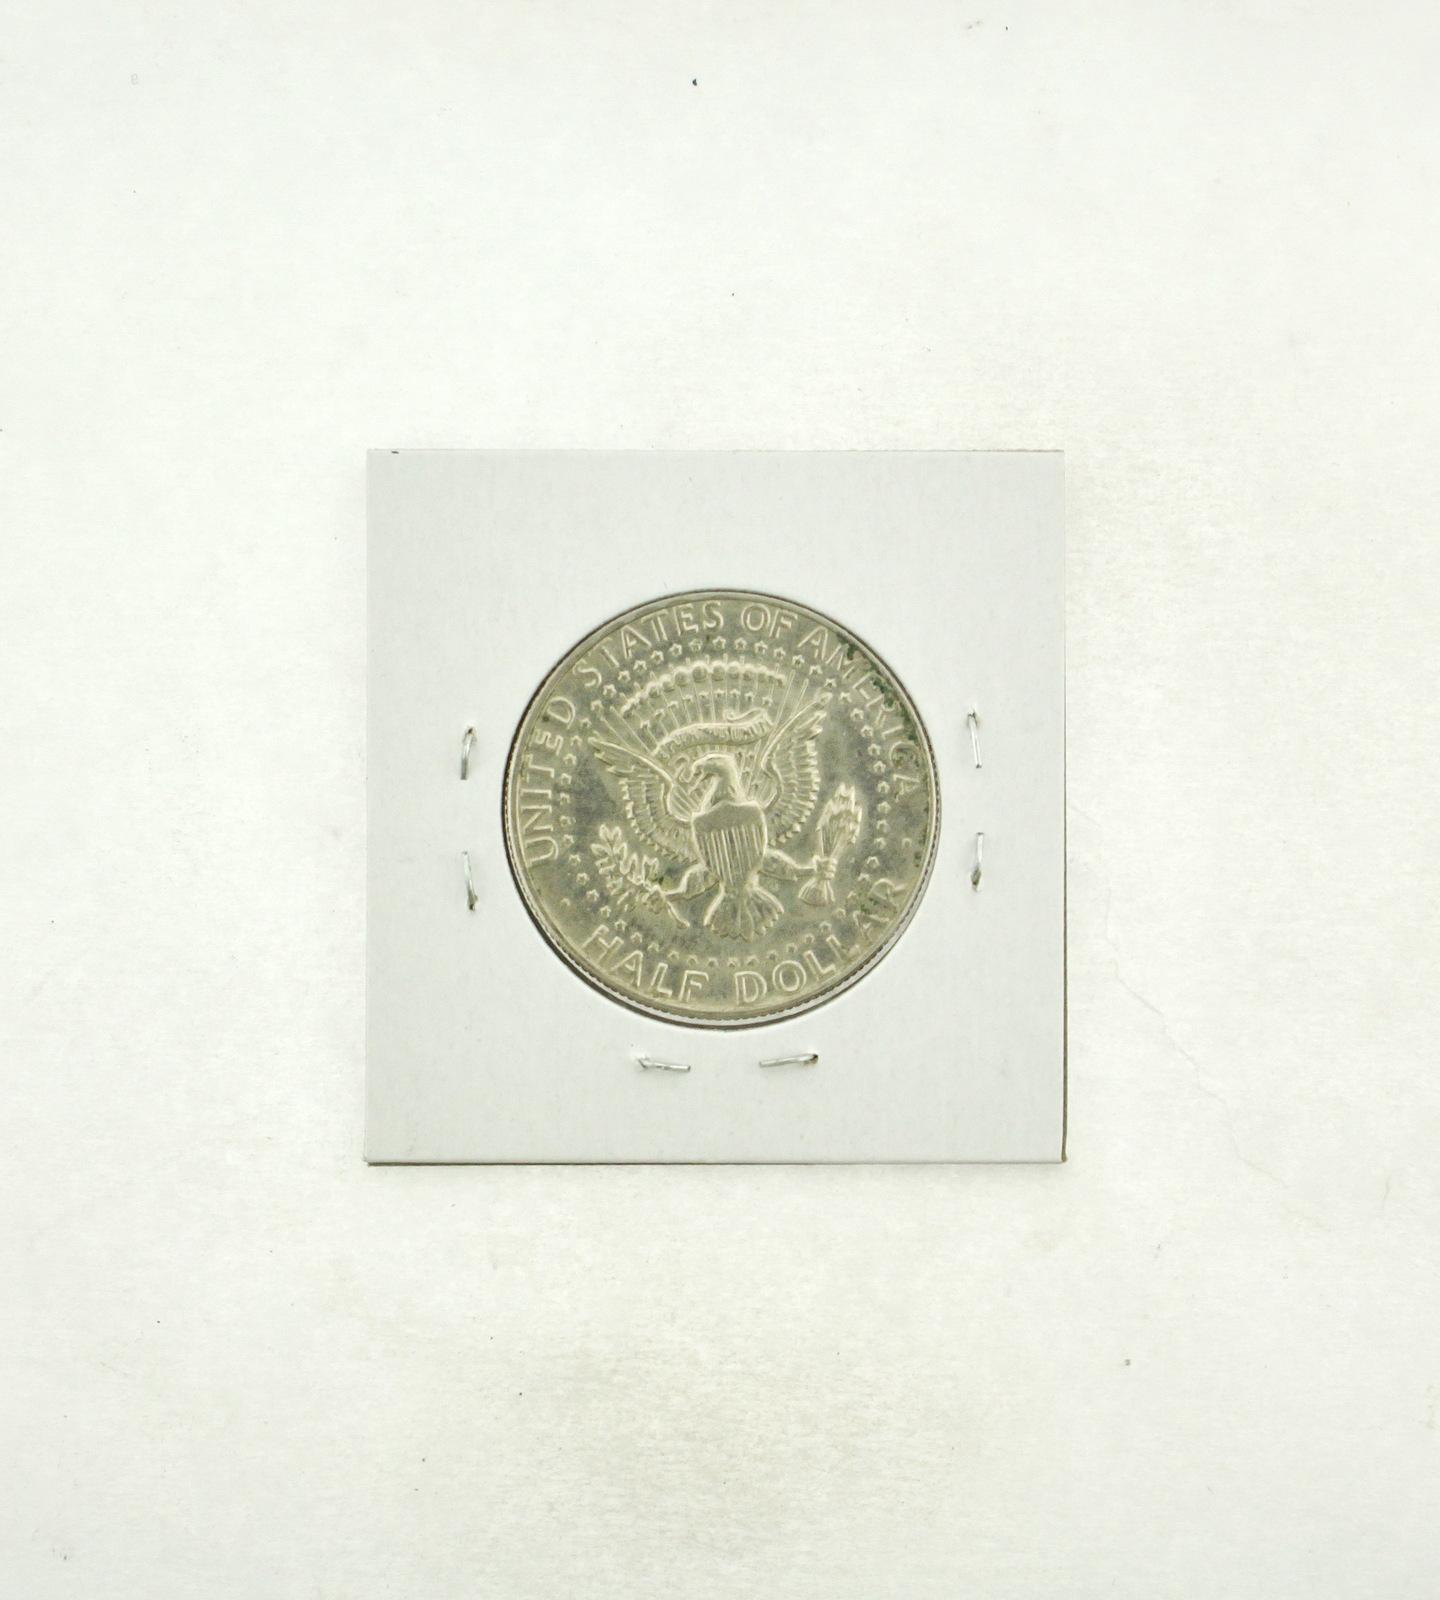 1981-D Kennedy Half Dollar (F) Fine N2-3737-4